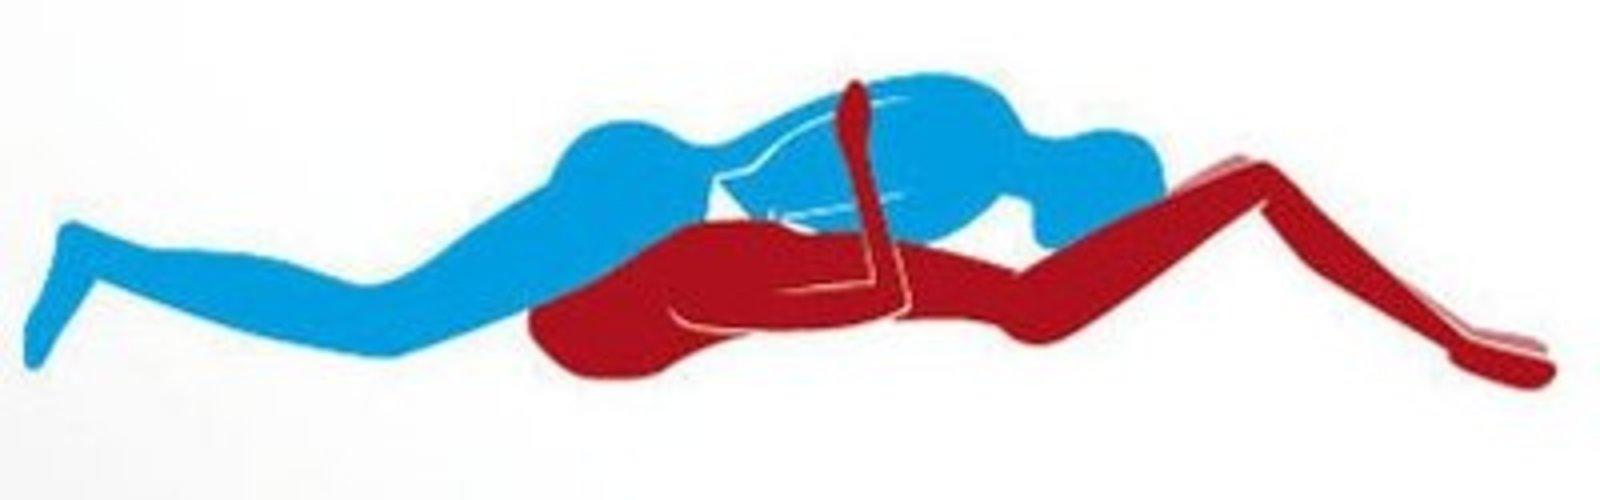 Sextsellung orale Befriedigung